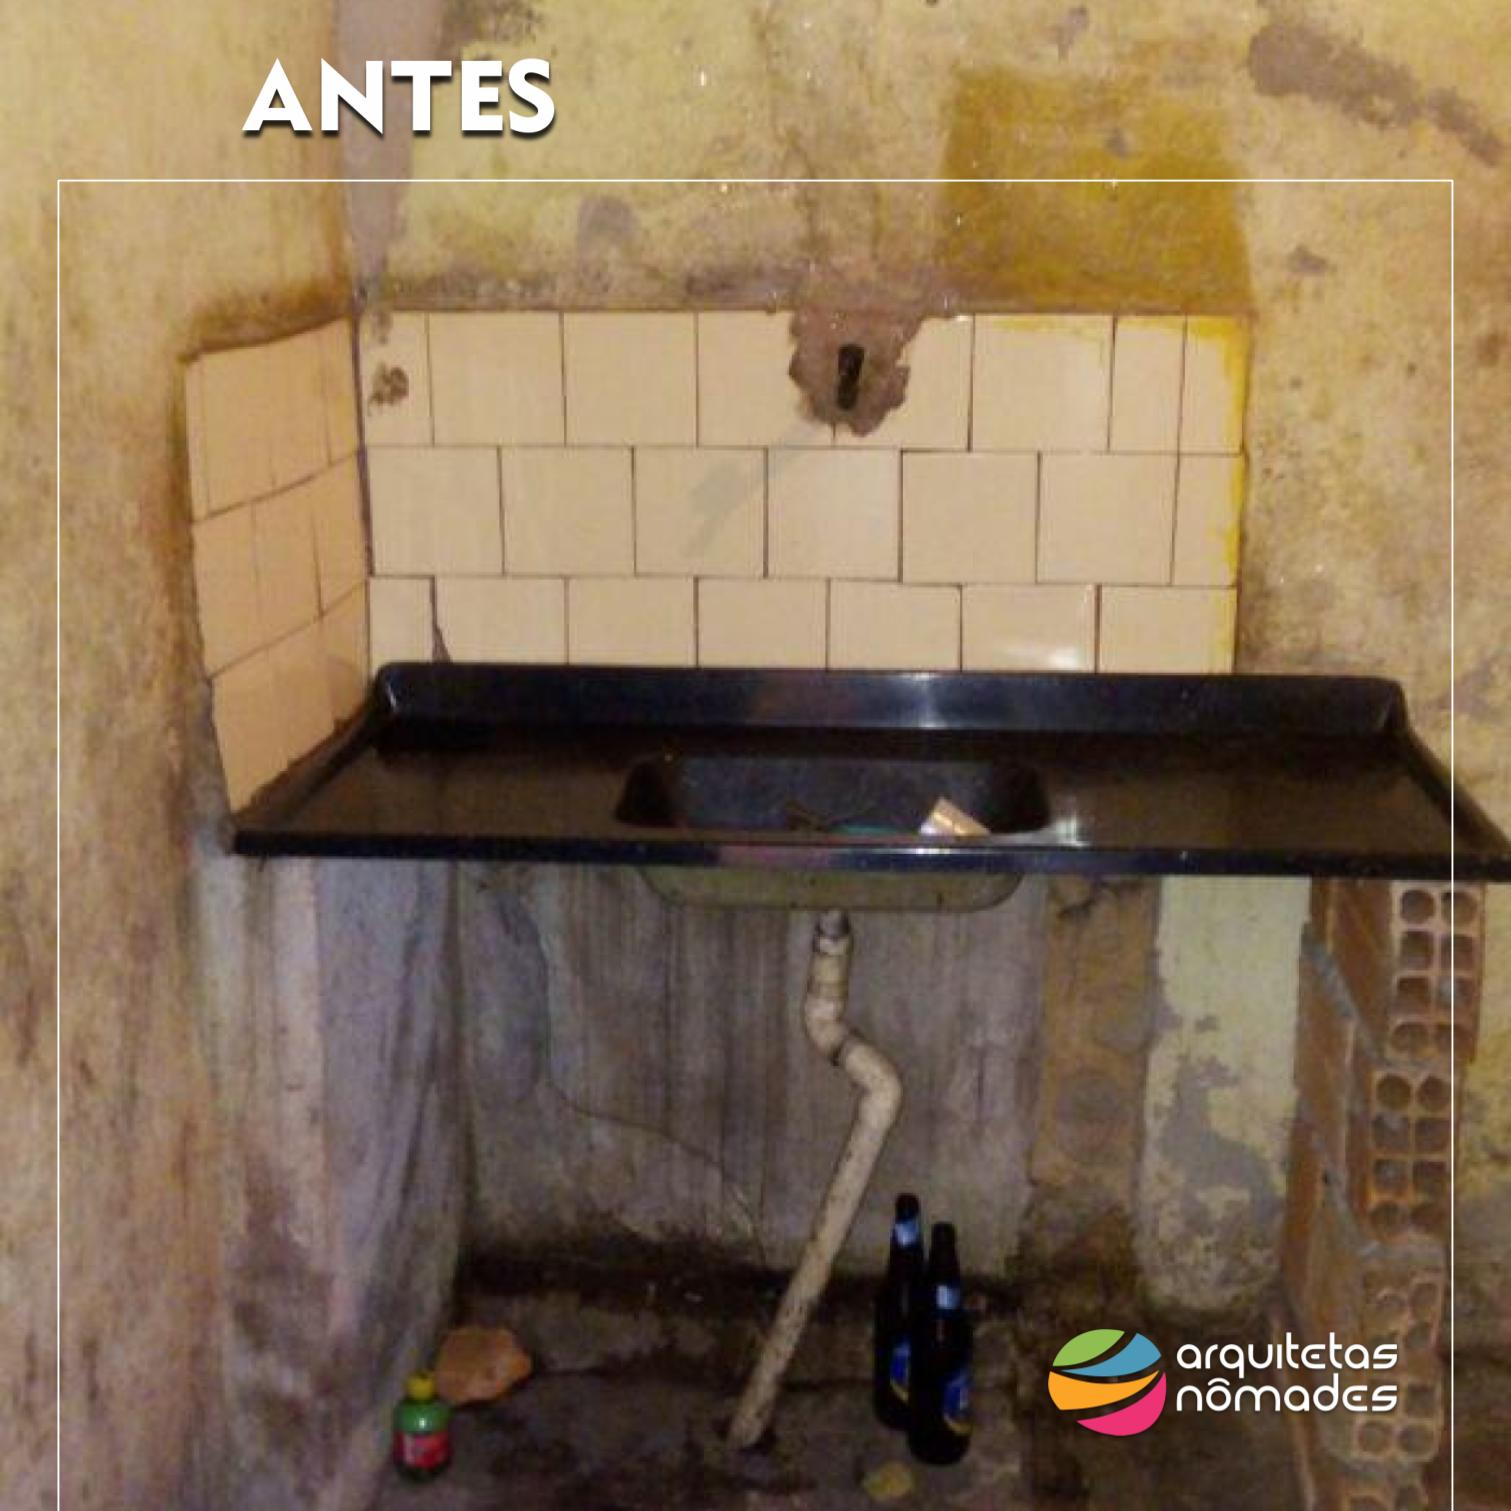 ANTES3 – Ana Paula